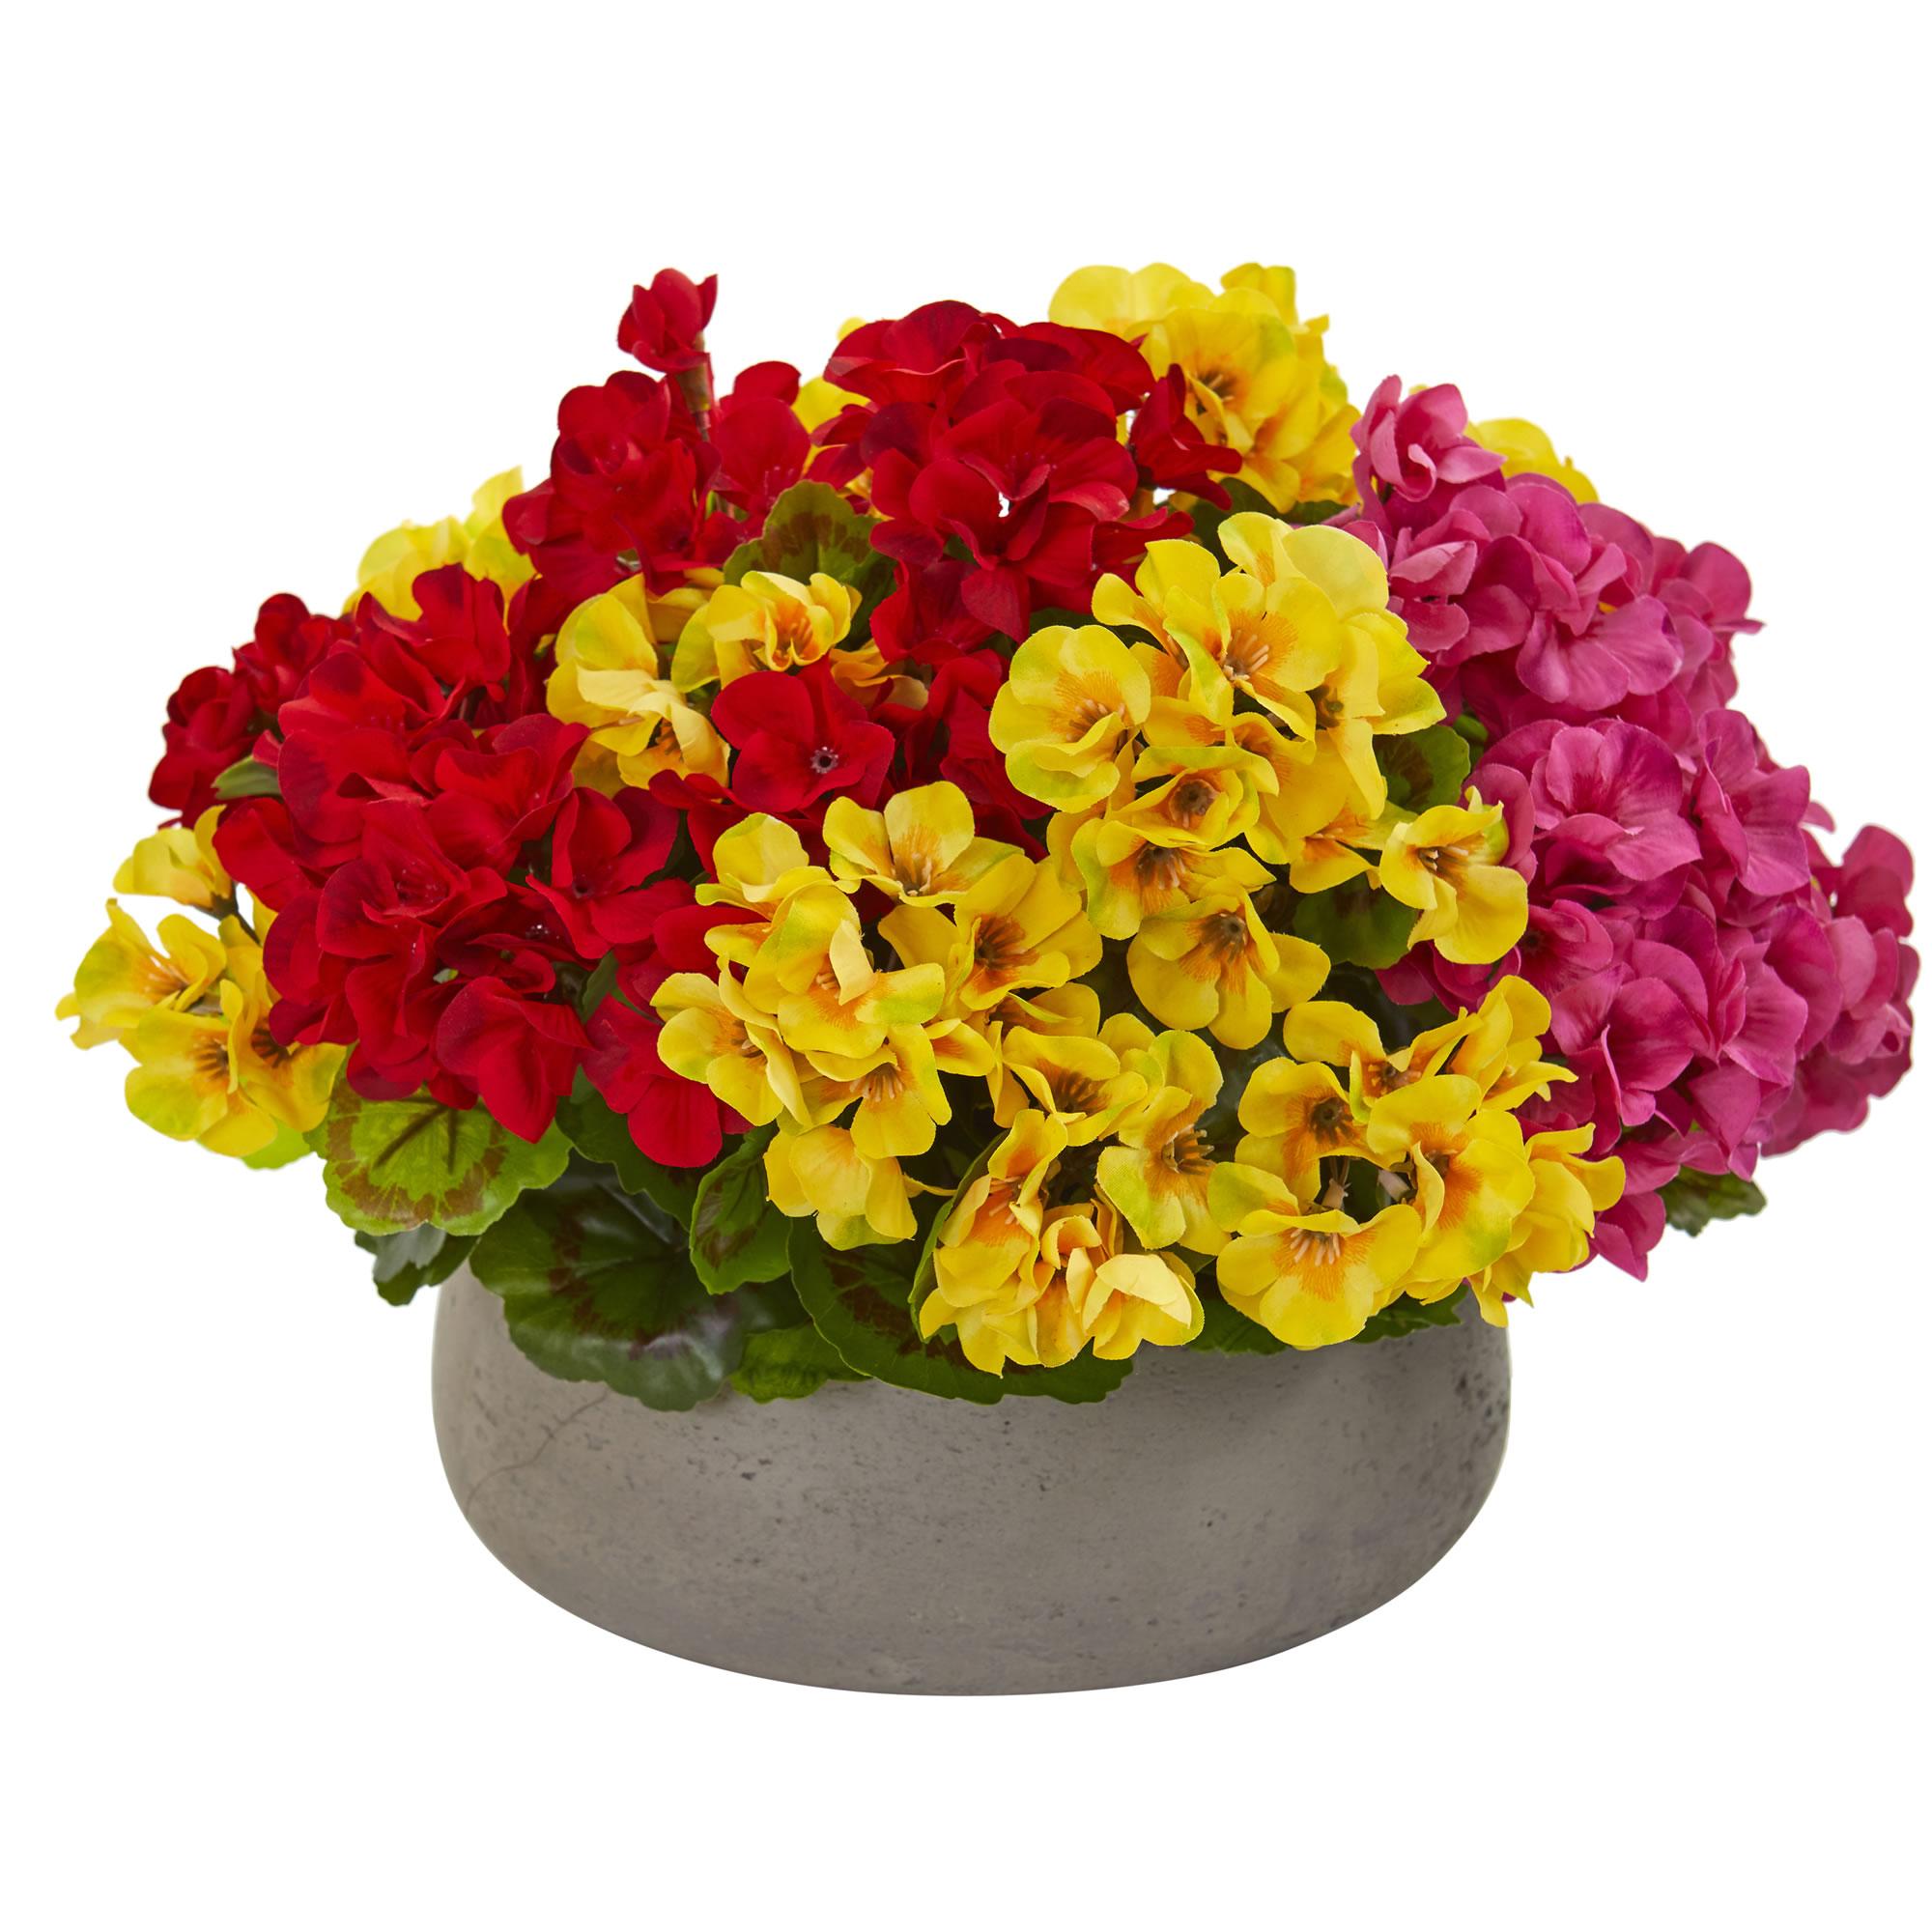 Artificial 12 Geranium Flowers Plant In Decorative Stone